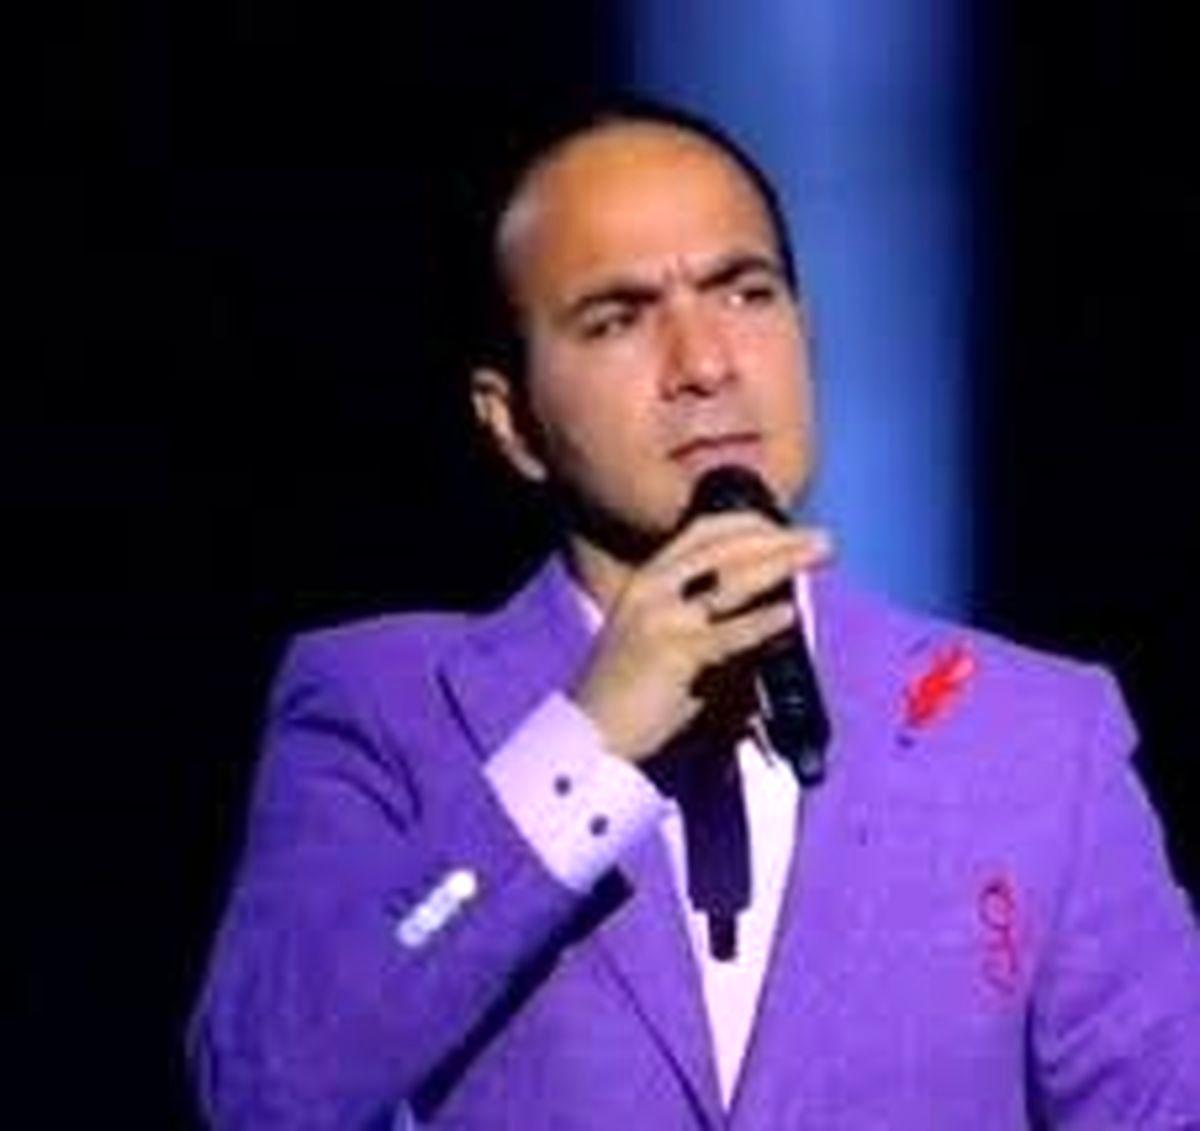 شوخی حسن ریوندی با آقایان متاهل و متعهد!